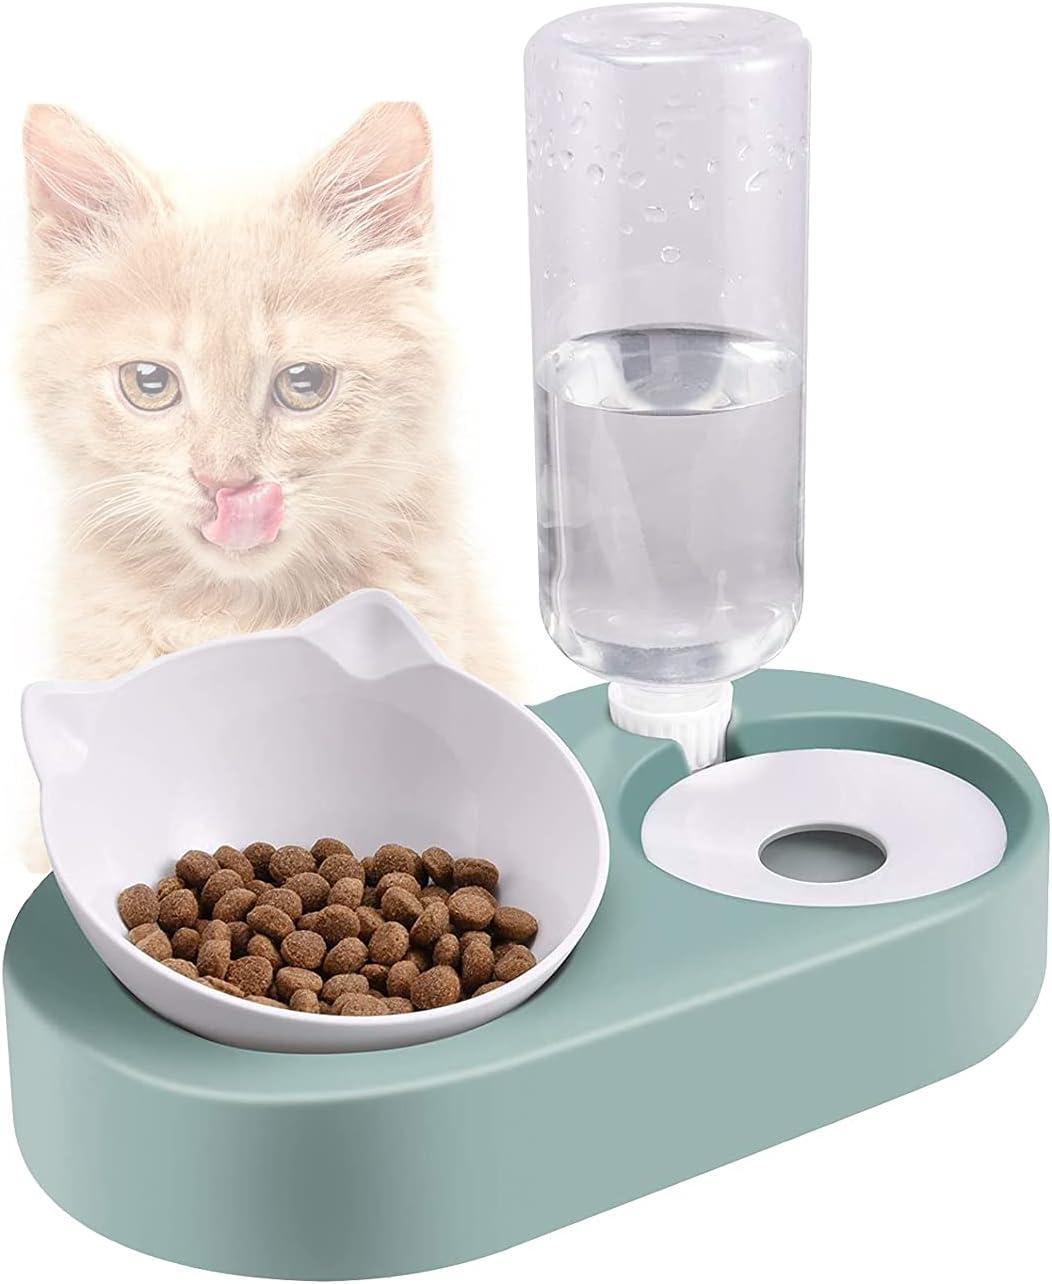 Cuenco de Gato,Comedero y Bebedero Gatos Perros,15°Inclinación Tazón de Alimentación para Gatos,Tazón Soporte y Botella Pet para Gatos,Se Puede Utilizar para Gatos y Cachorros